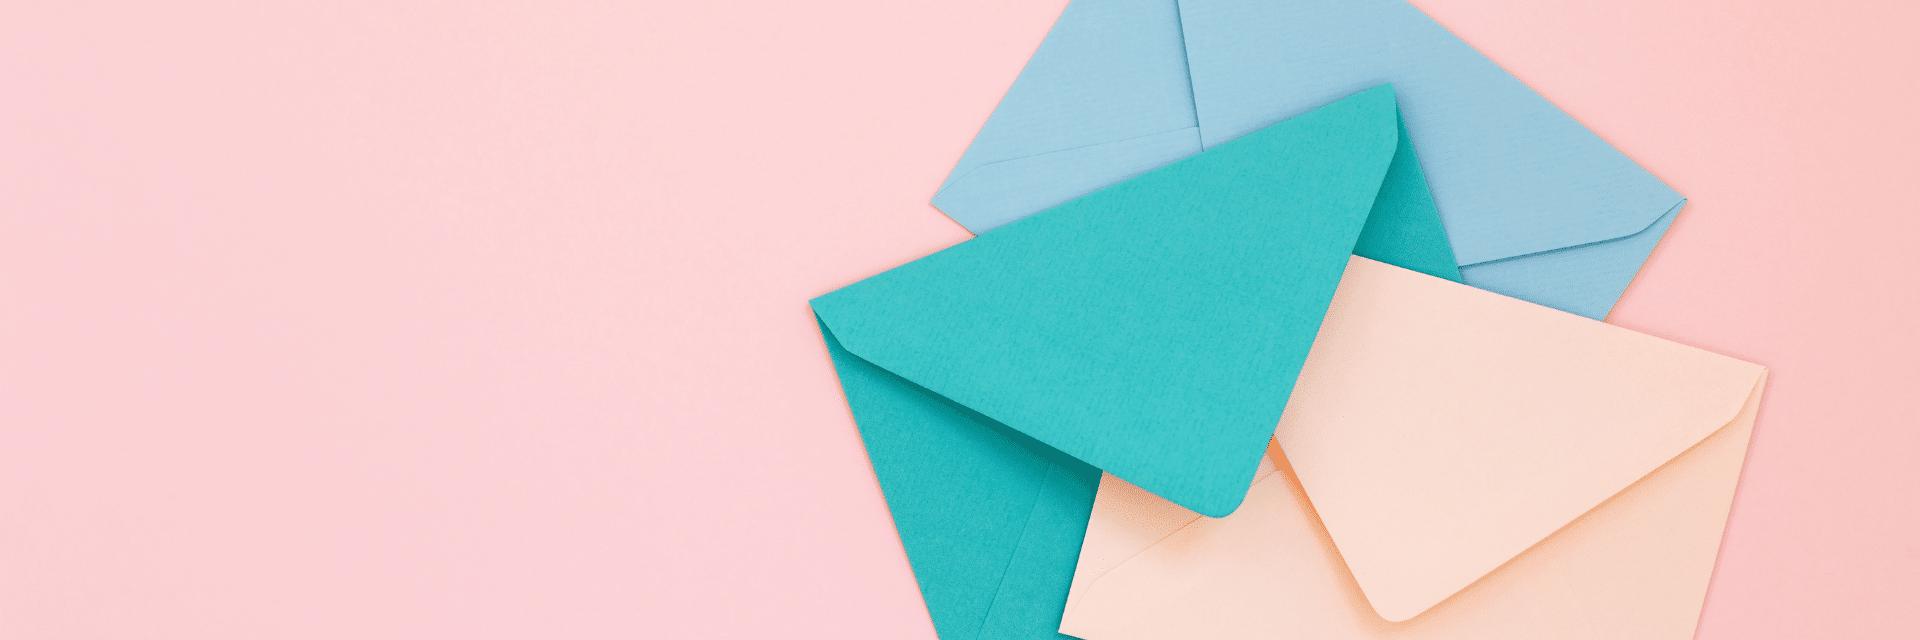 3 envelopes on pink background